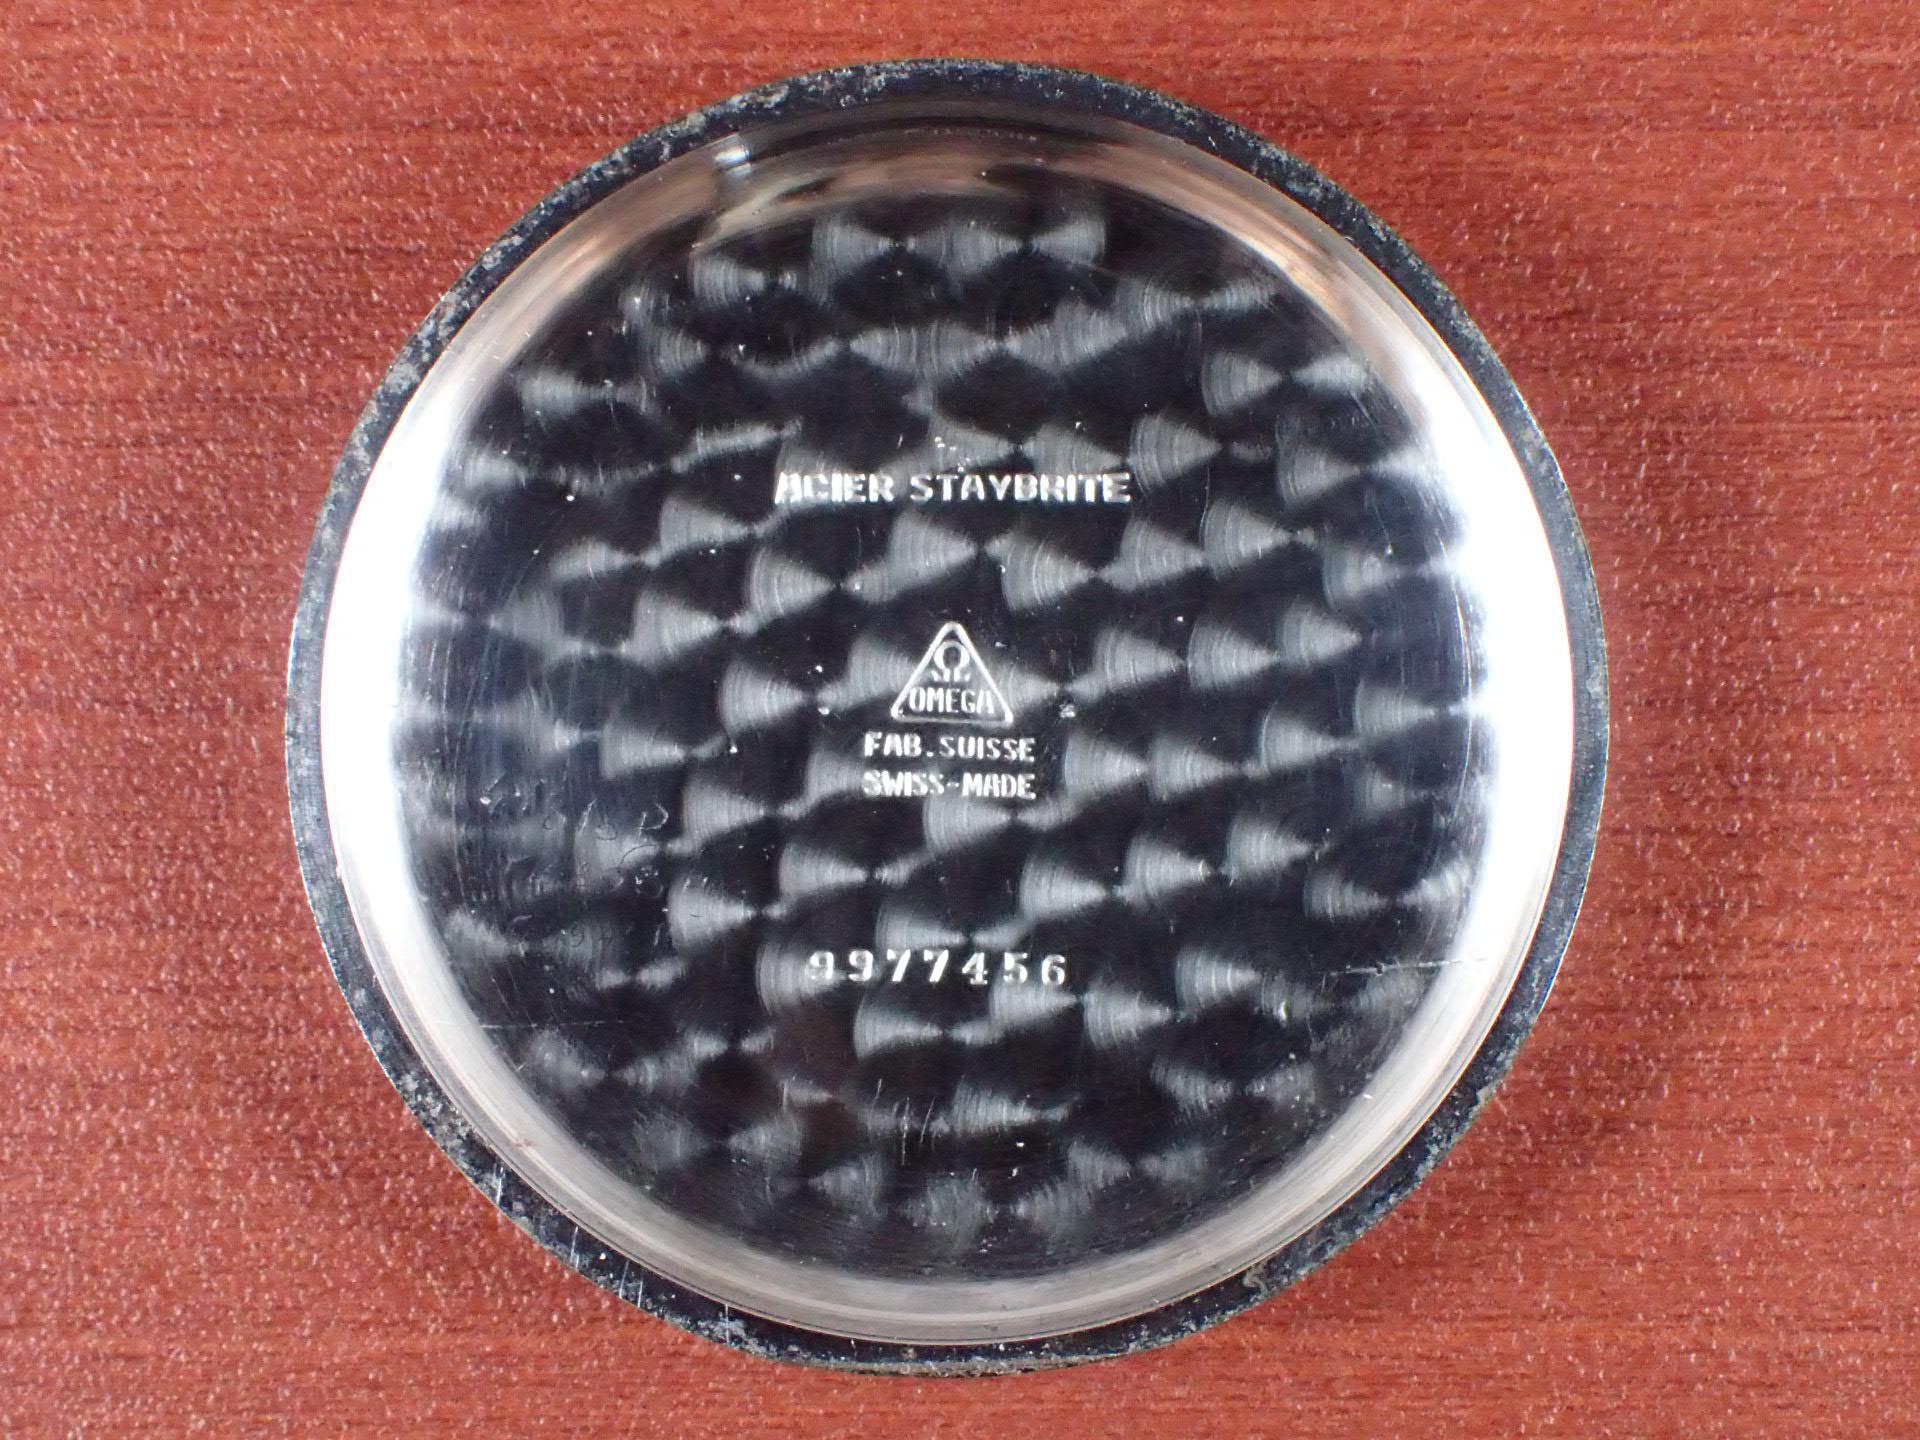 オメガ クロノグラフ Cal.33.3CHRO CK2392 ブラックダイアル 1940年代の写真6枚目